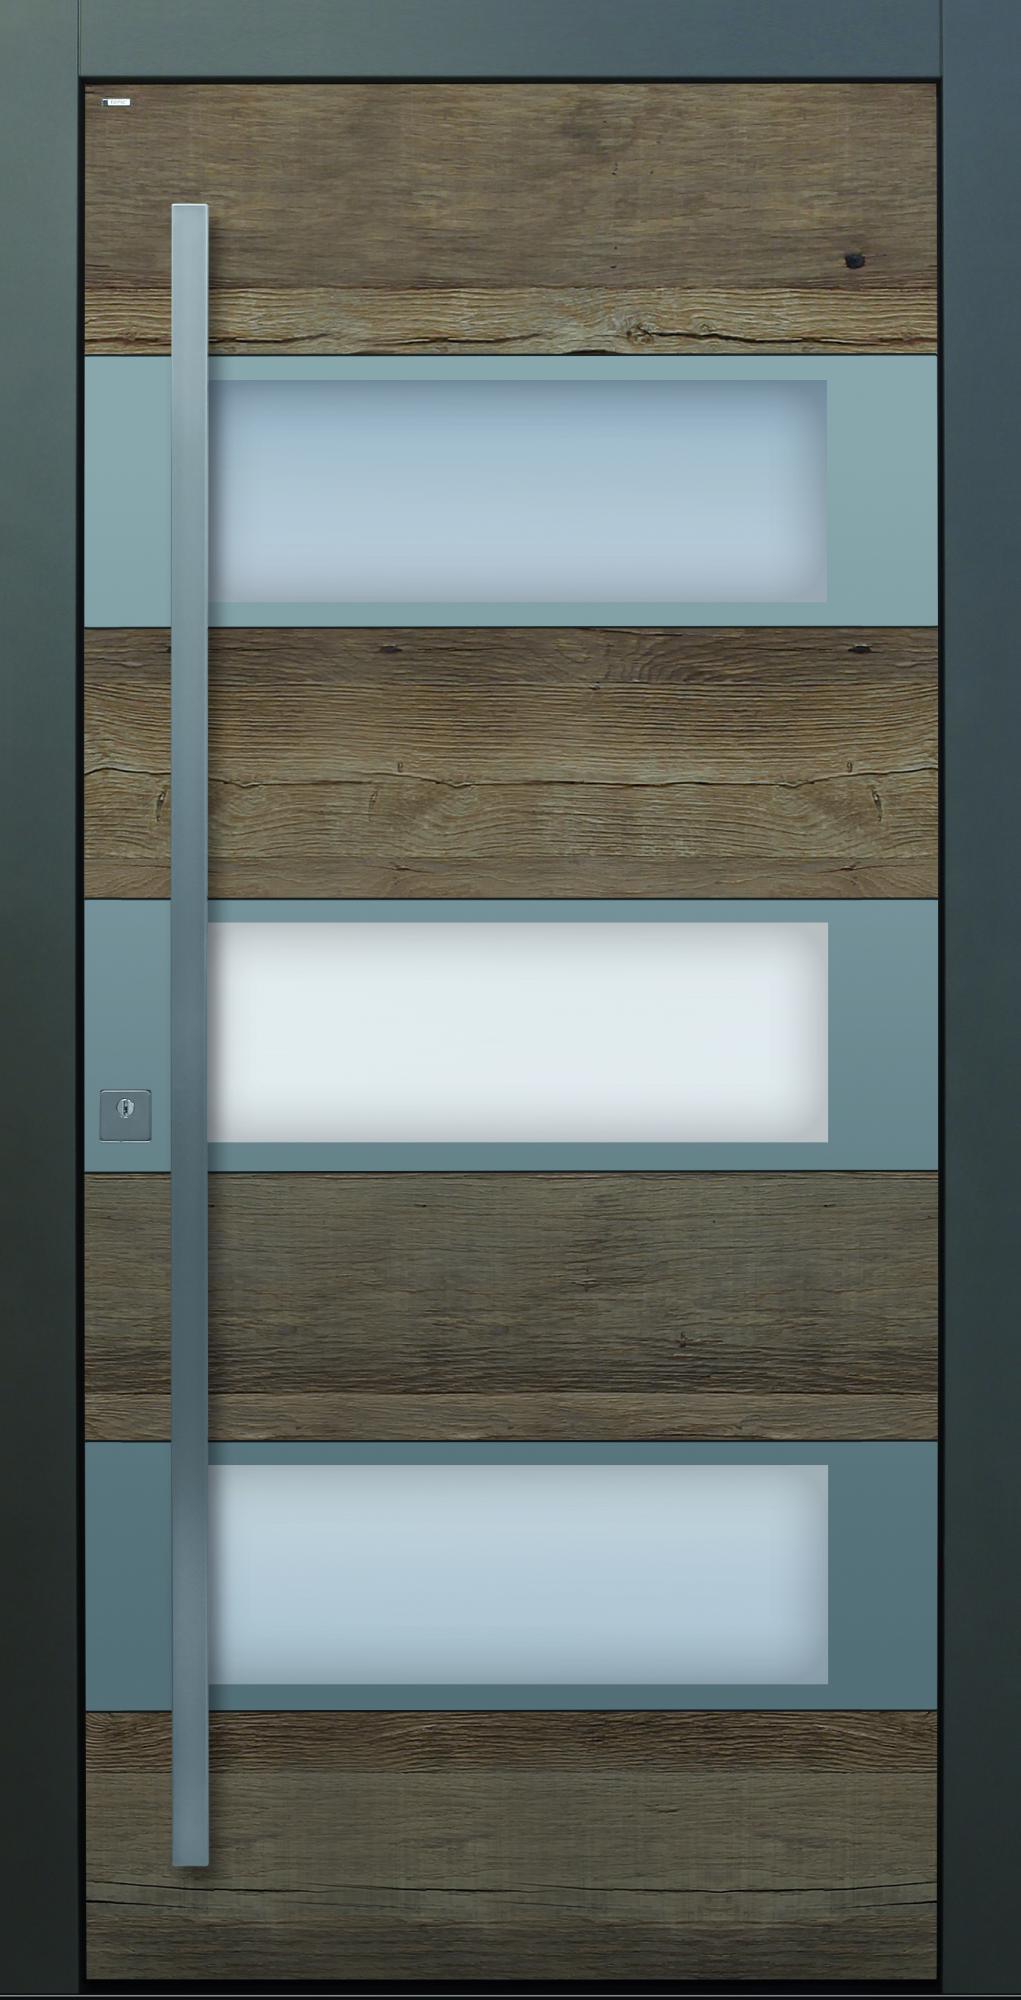 haust ren mit mehreren lichtausschnitten topic haust ren u wohnungst ren aus sterreich. Black Bedroom Furniture Sets. Home Design Ideas